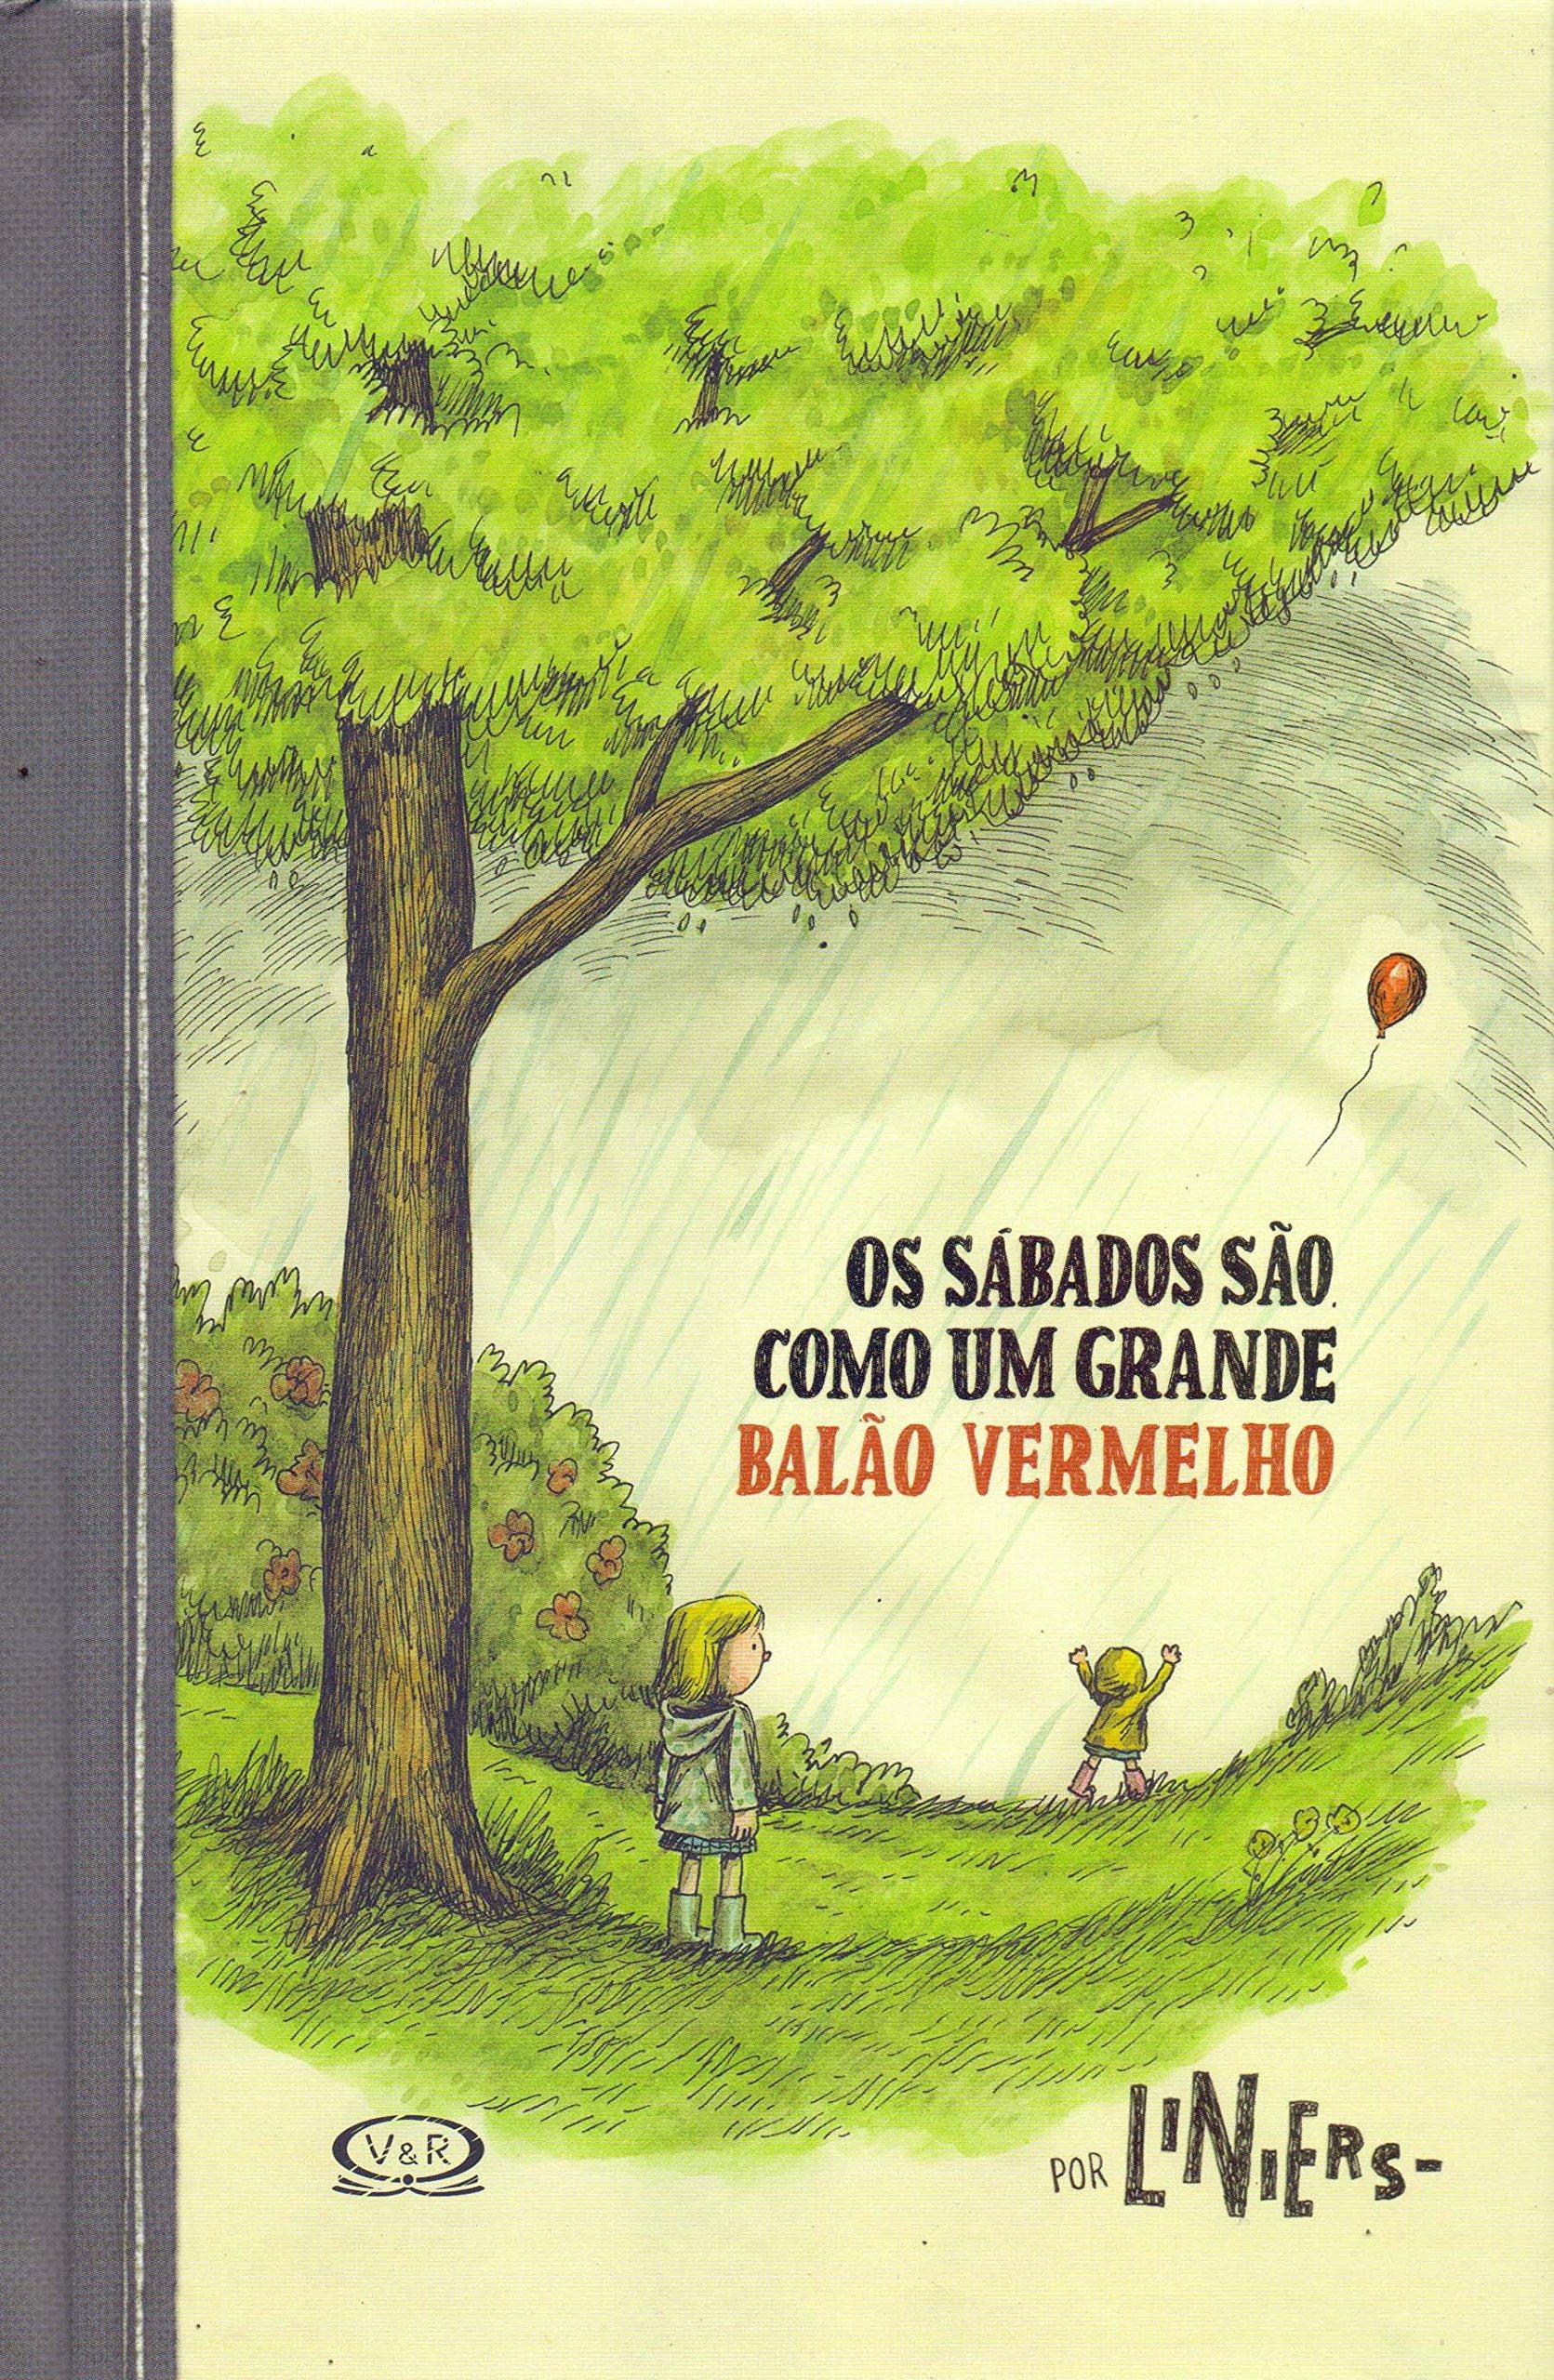 Os sábados são como um grande balão vermelho, livro de Liniers